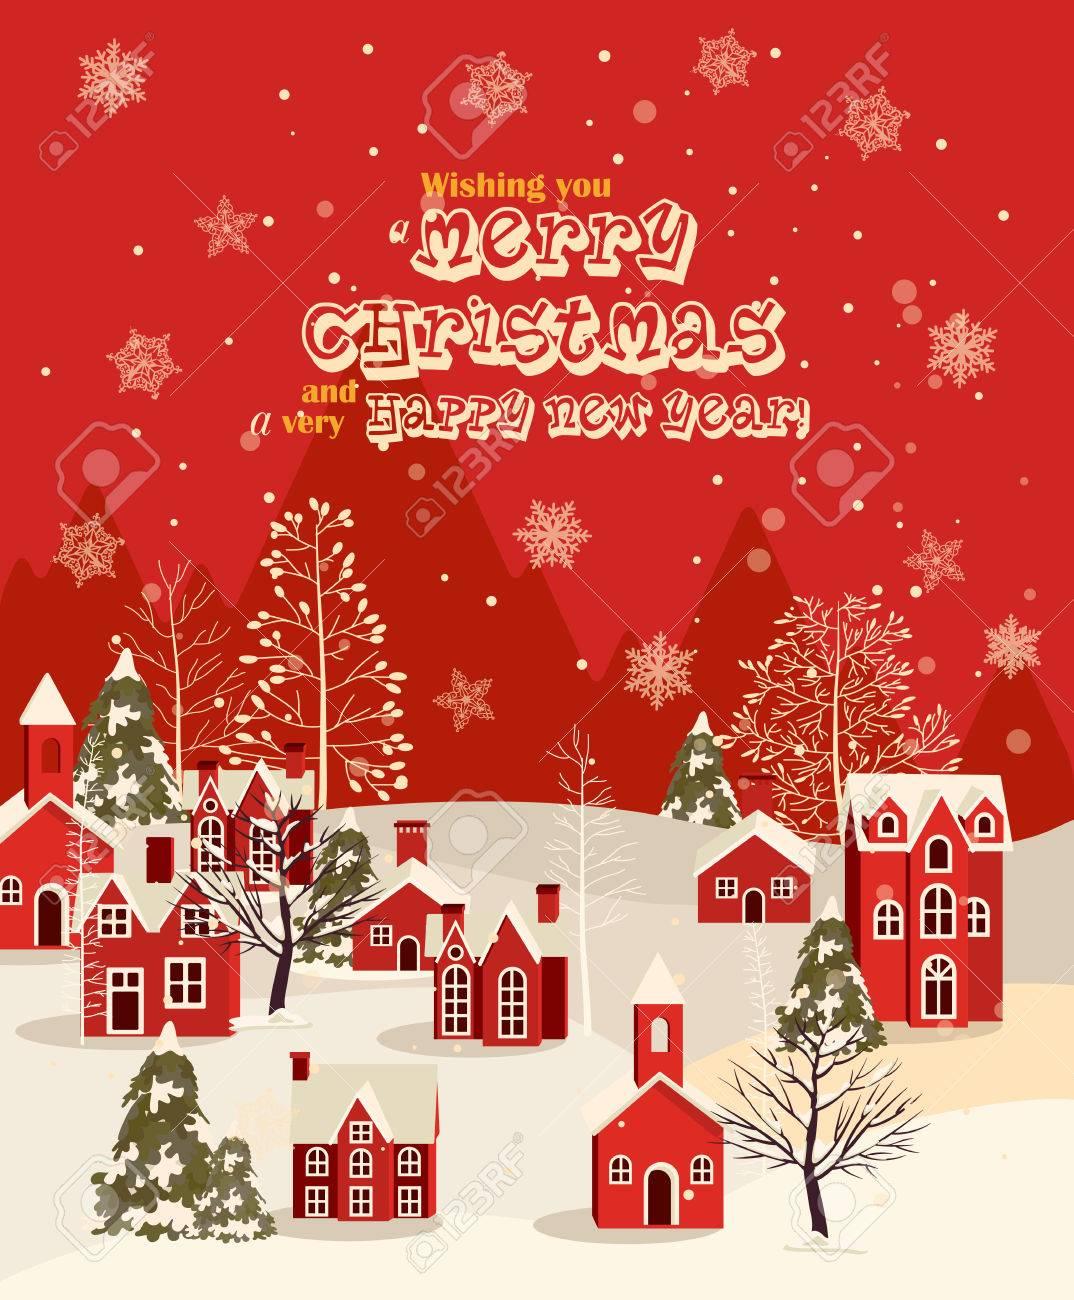 Foto Di Natale Con Auguri.Auguri Di Natale Con Casa D Epoca Citta Di Inverno Nevicate Illustrazione